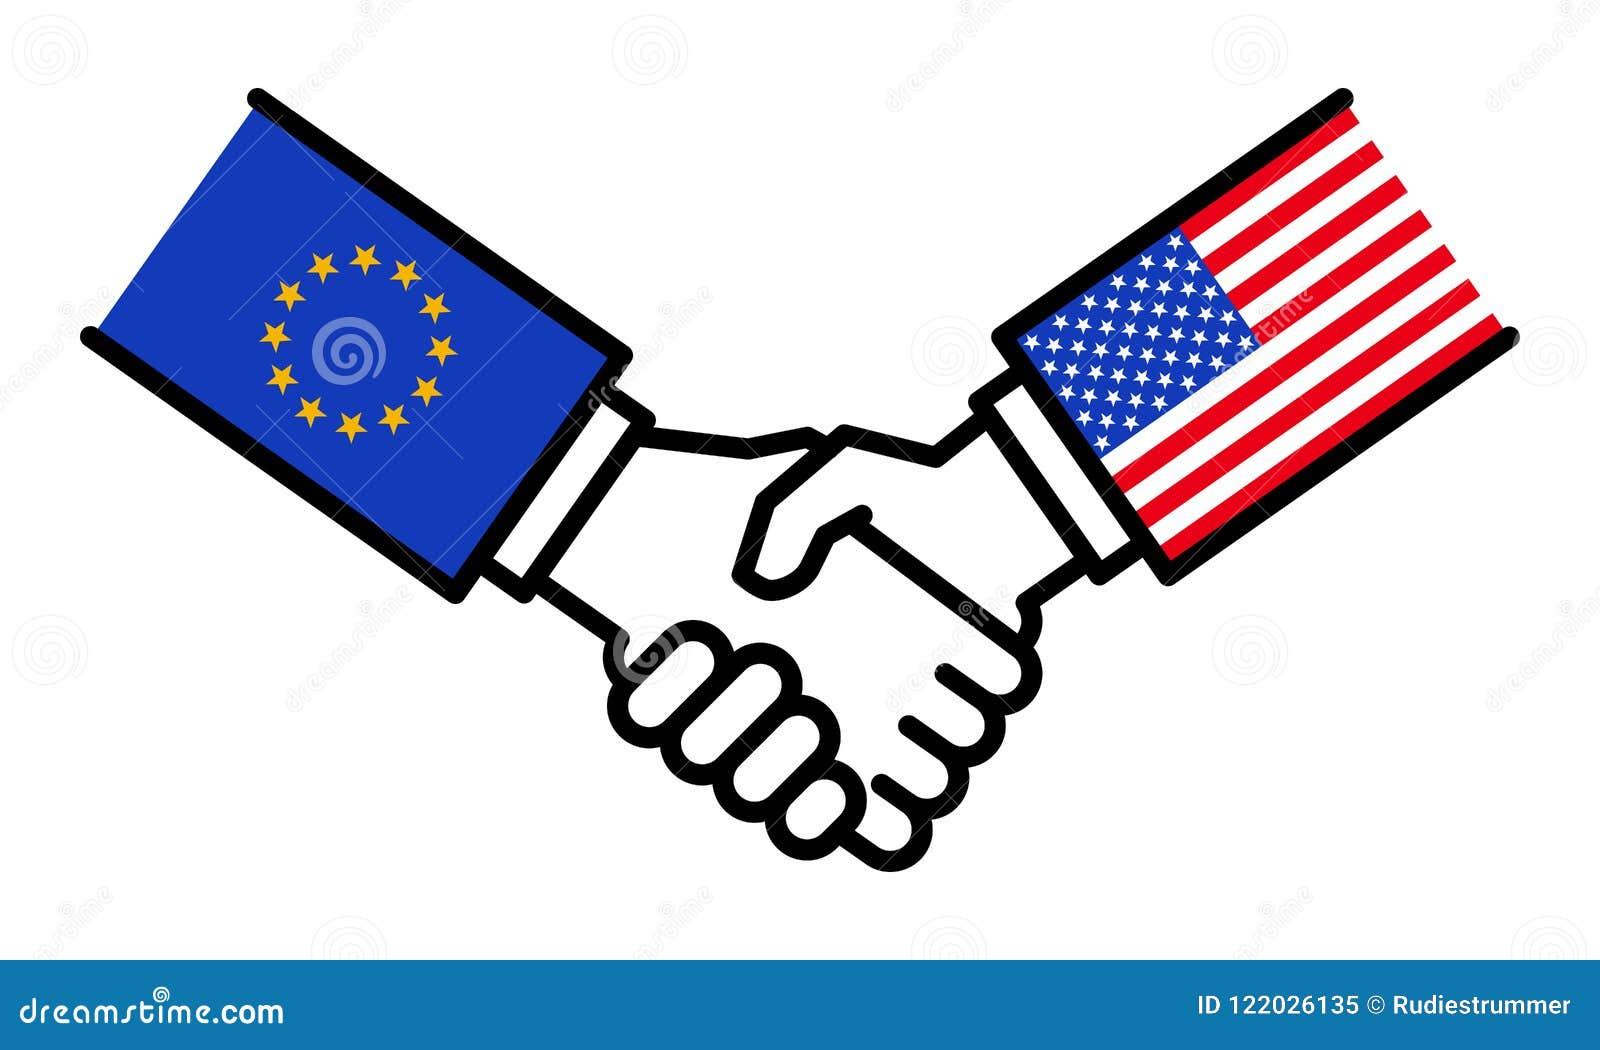 Handshake Eu Usa Agreement Alliance Business Deal Friendship